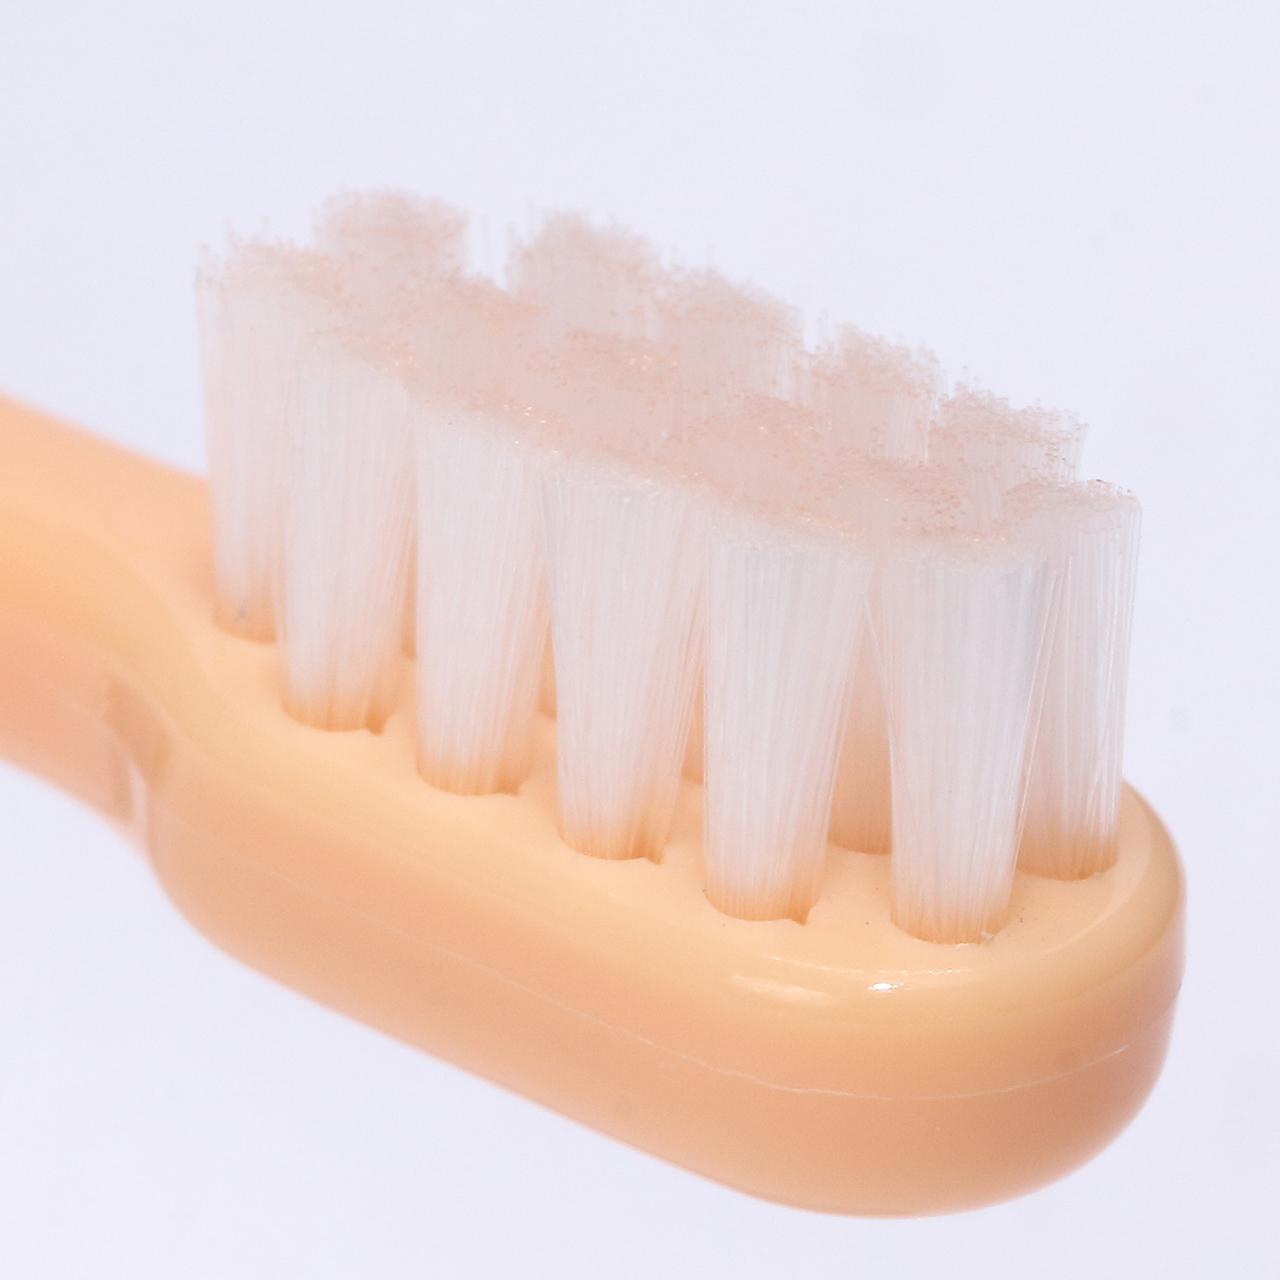 オーラバイオブラシ 短毛タイプ(歯科衛生士推奨)